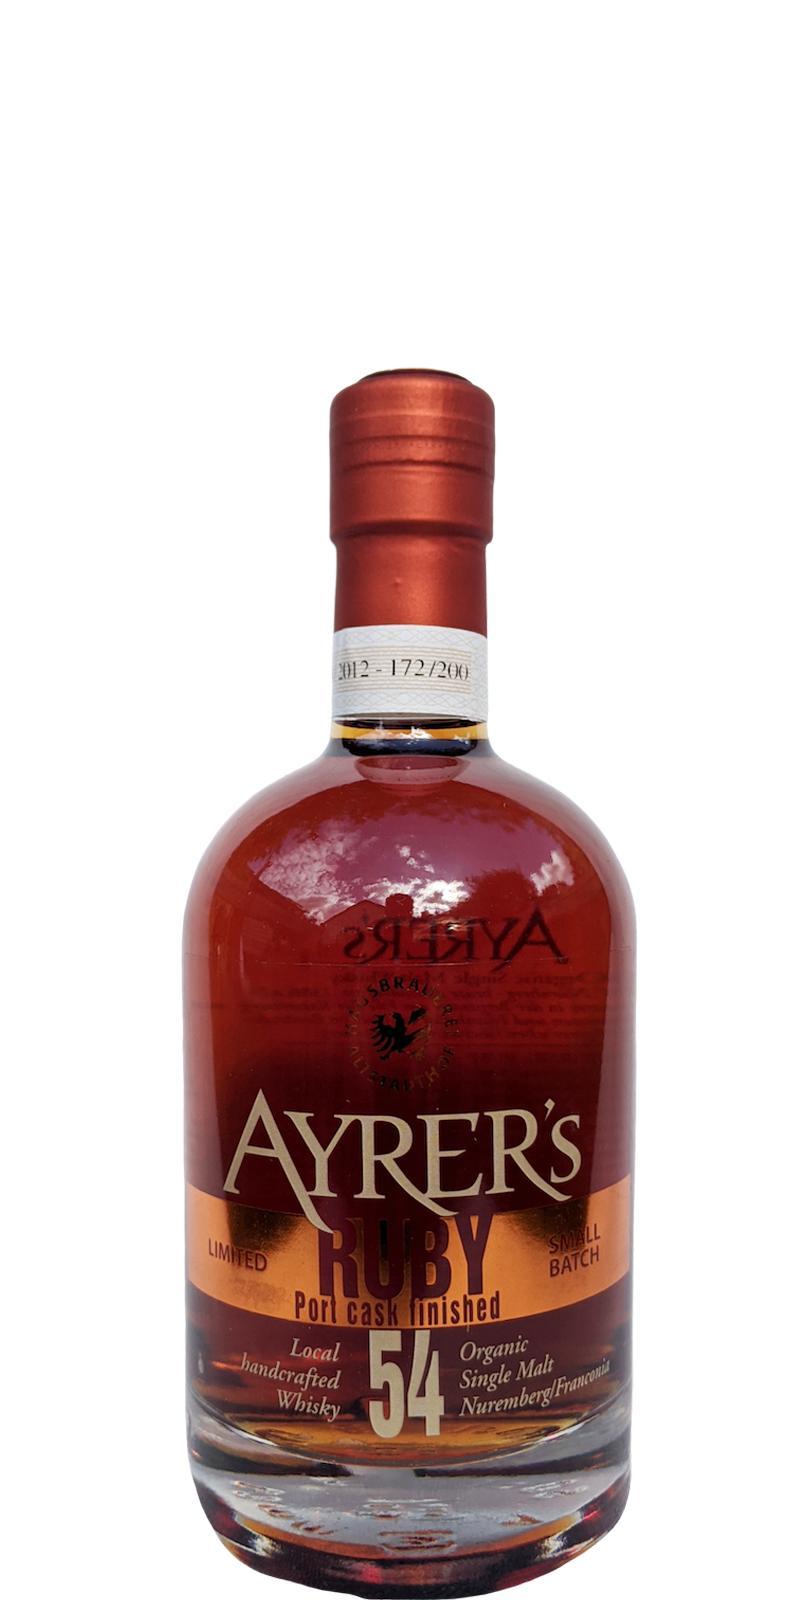 Ayrer's 2012 Ruby